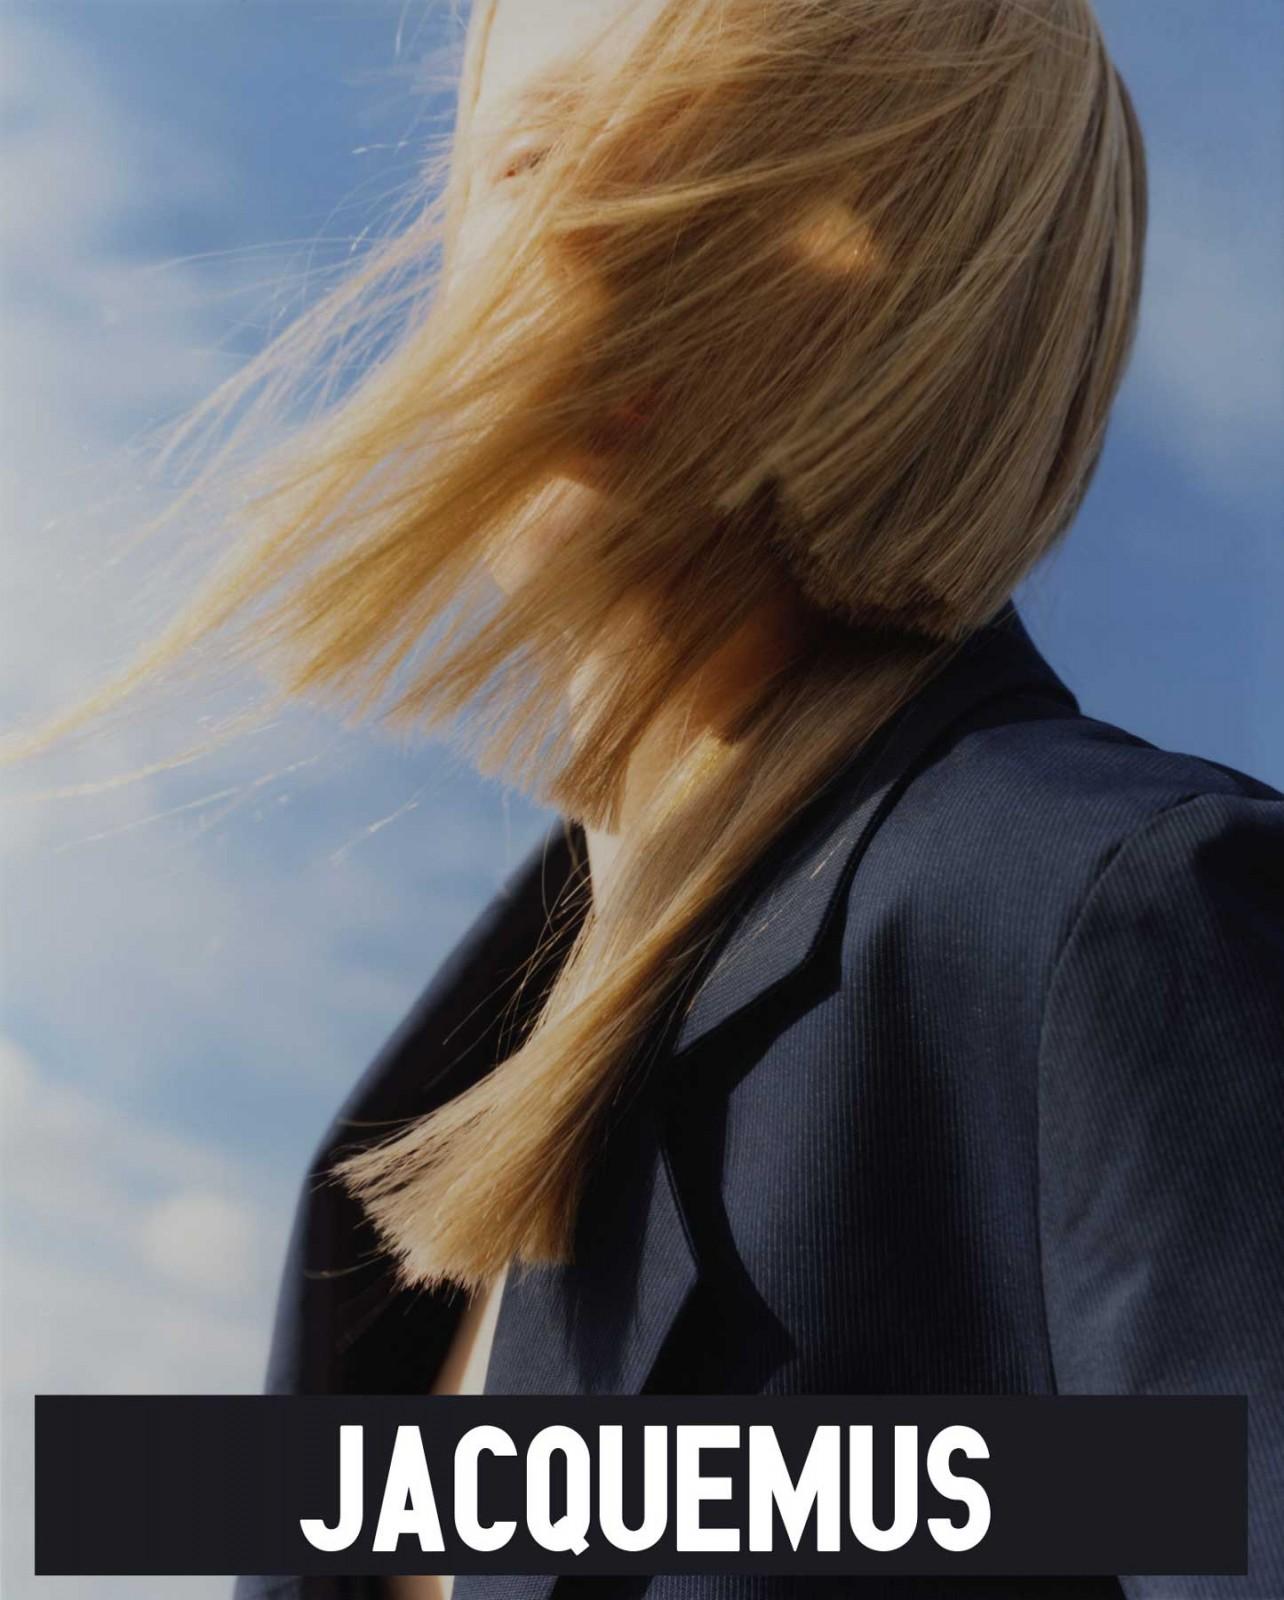 jacquemus_pf15_campaign_gris_harley_weir-1-1284x1600.jpg